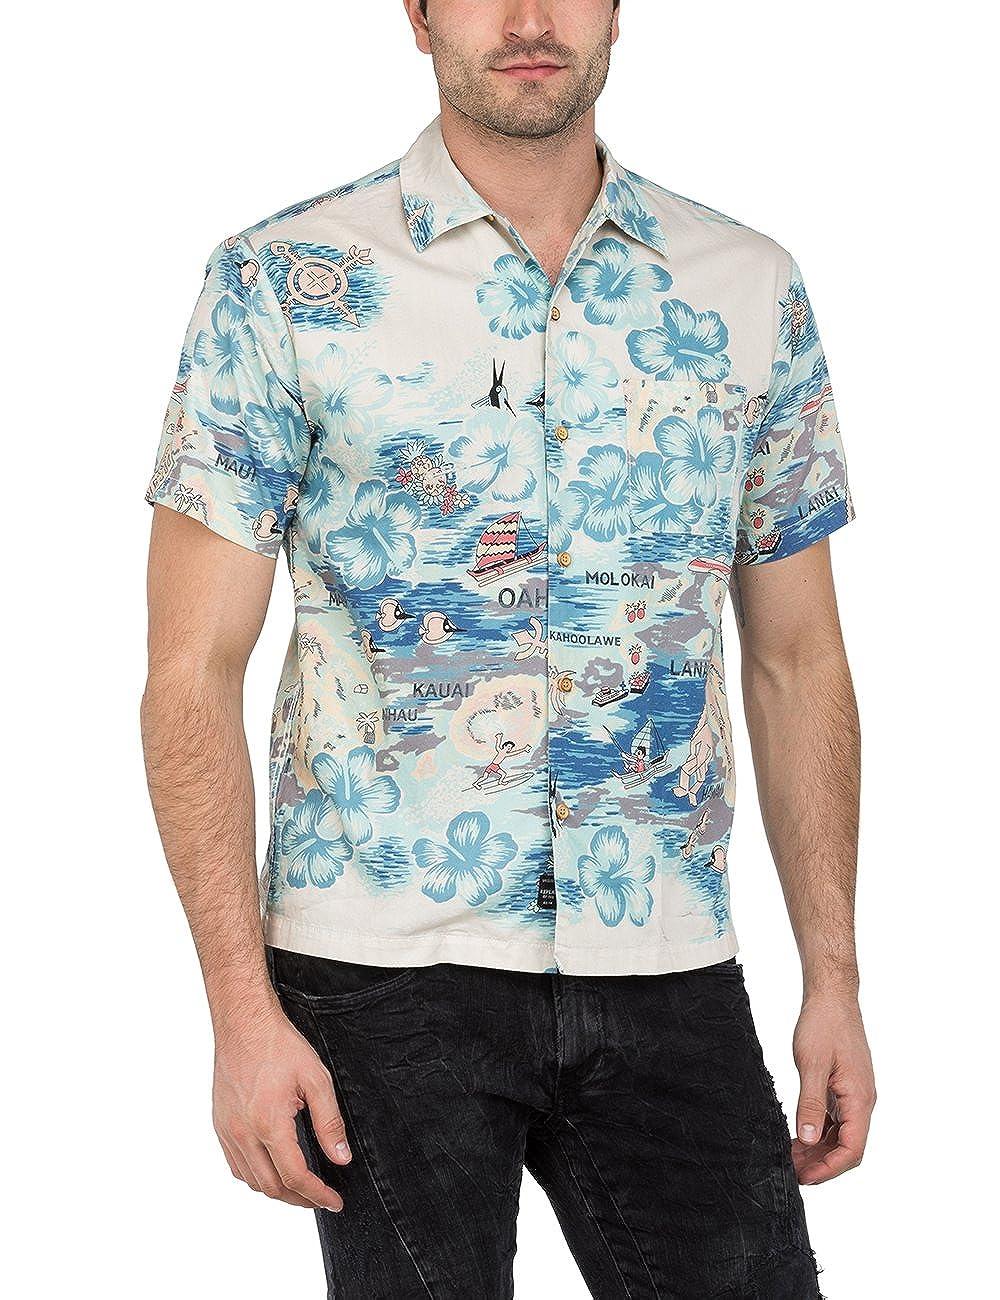 [リプレイ] ハワイアンプリントシャツ メンズ M4985 .000.71448 B07B54JPZ9  ハワイアンプリント EU S (日本サイズS相当)